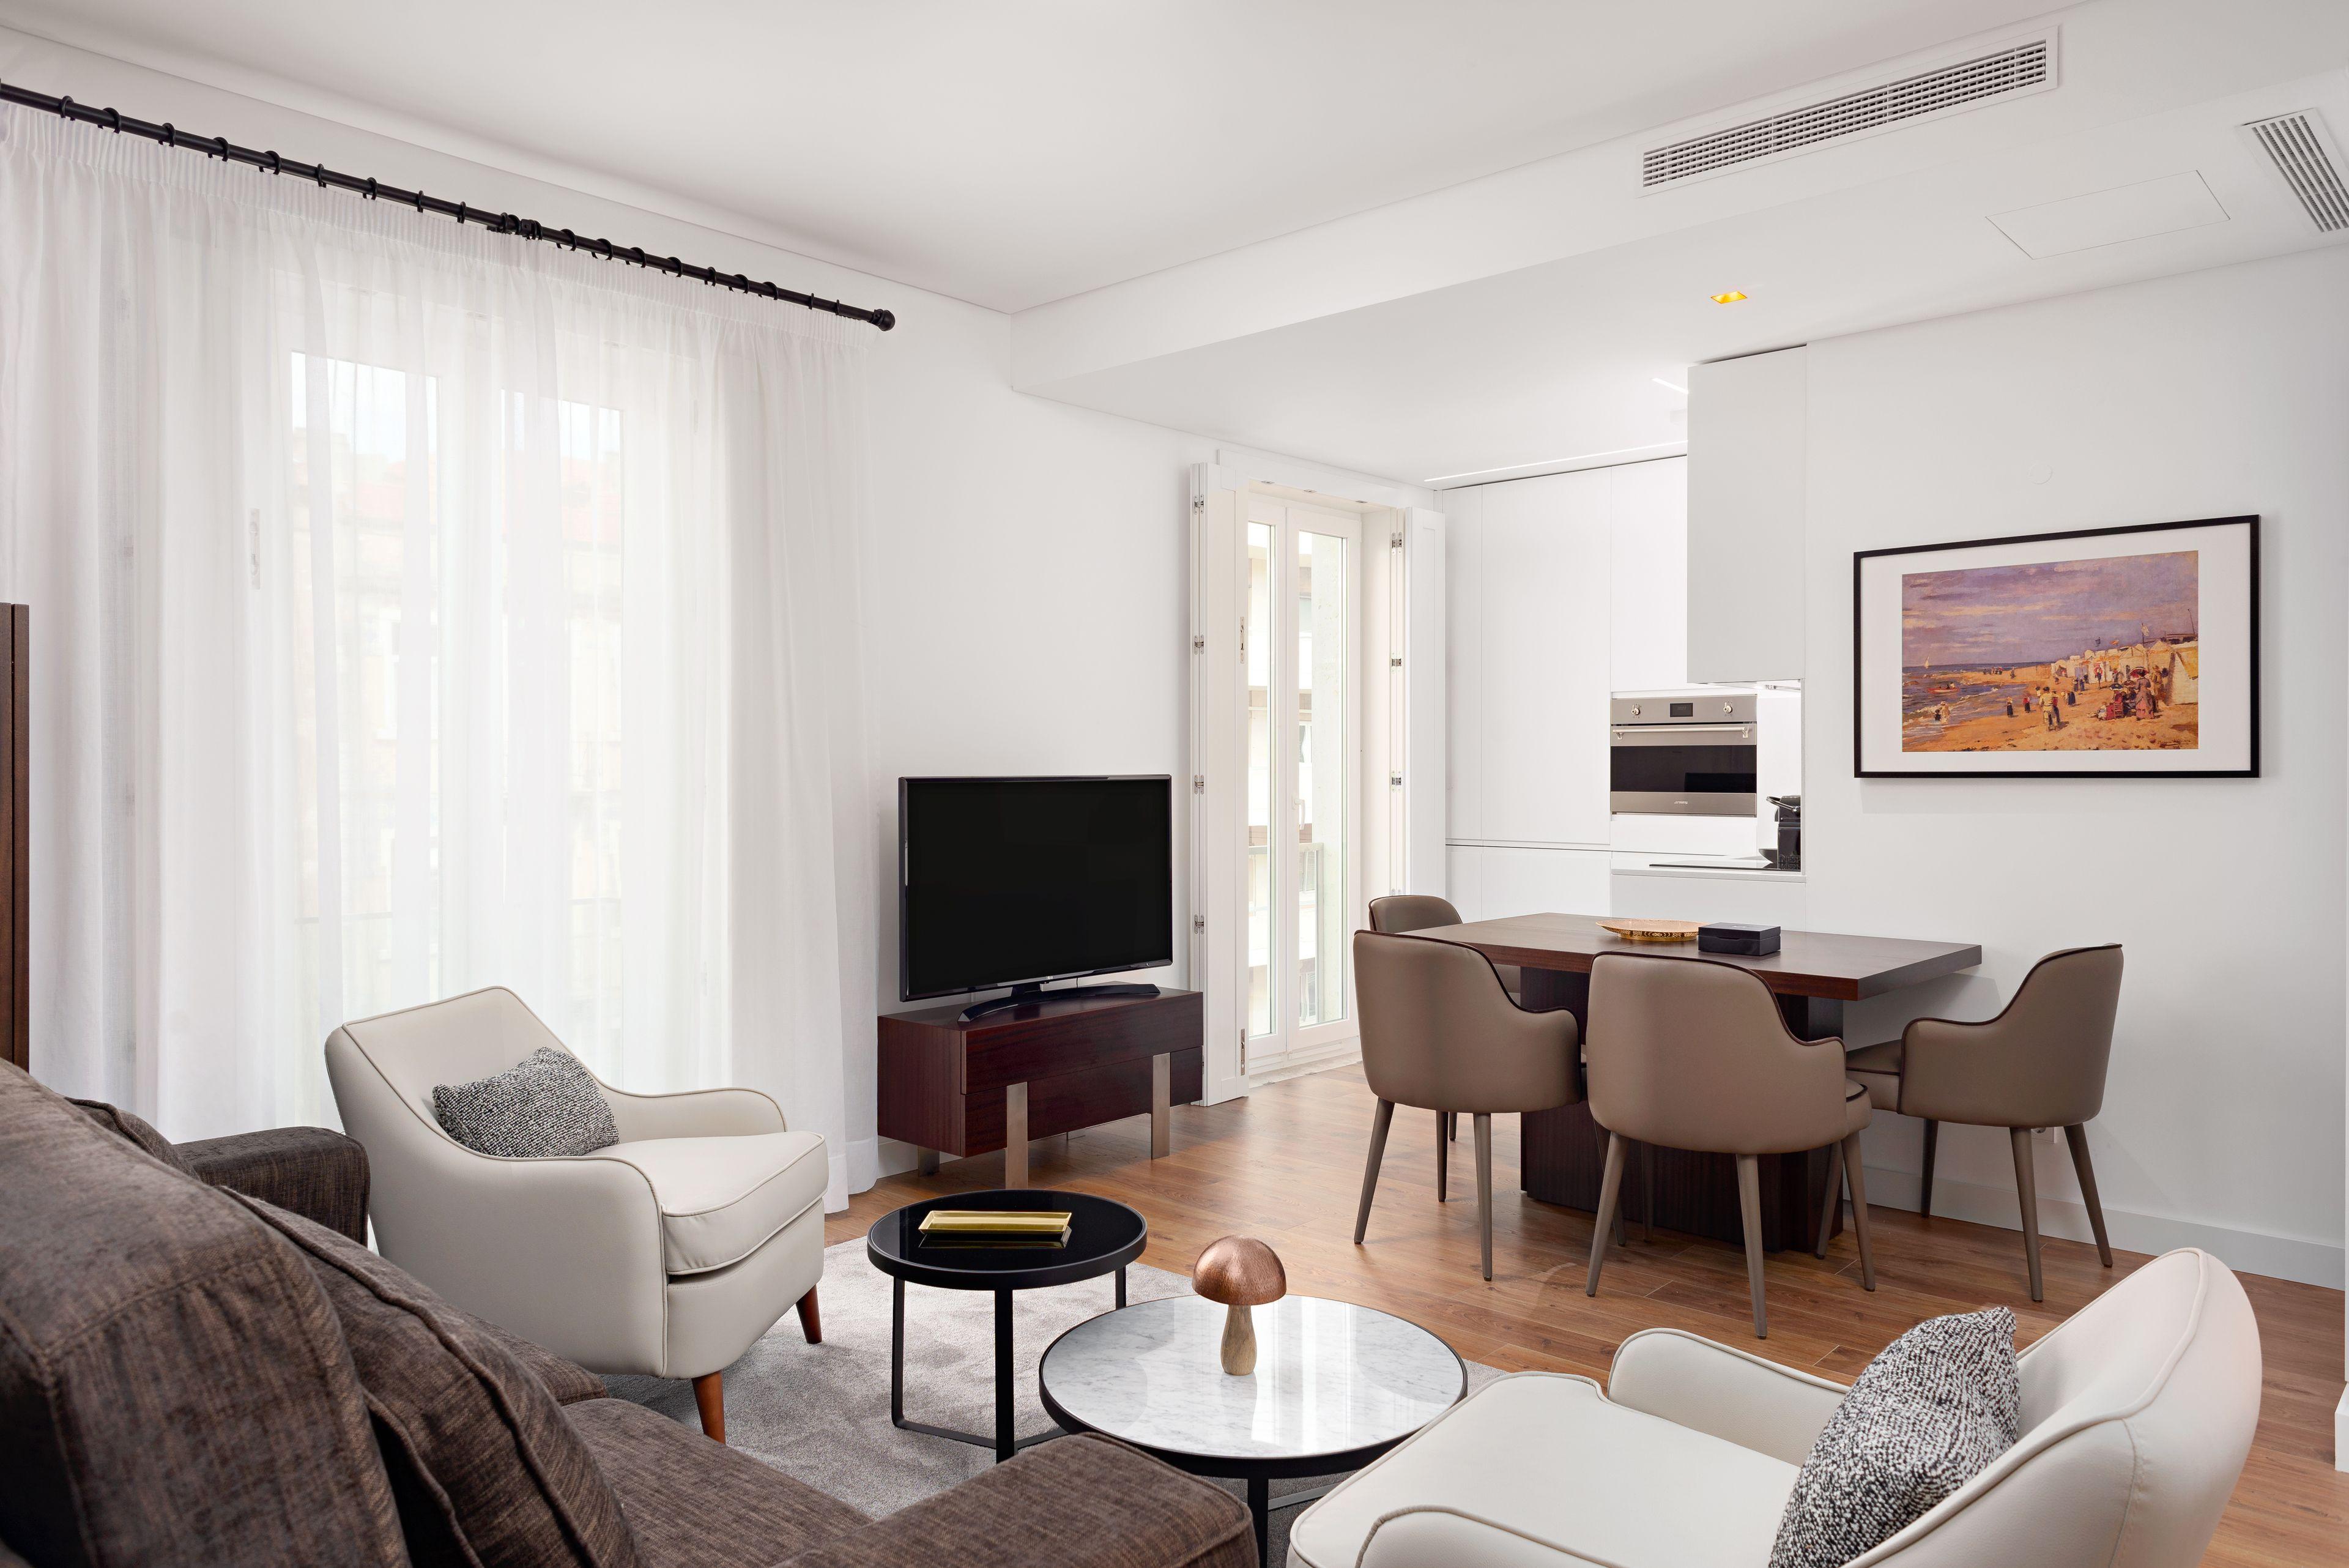 Marques Best Apartments - Lisbon Best Apartments.